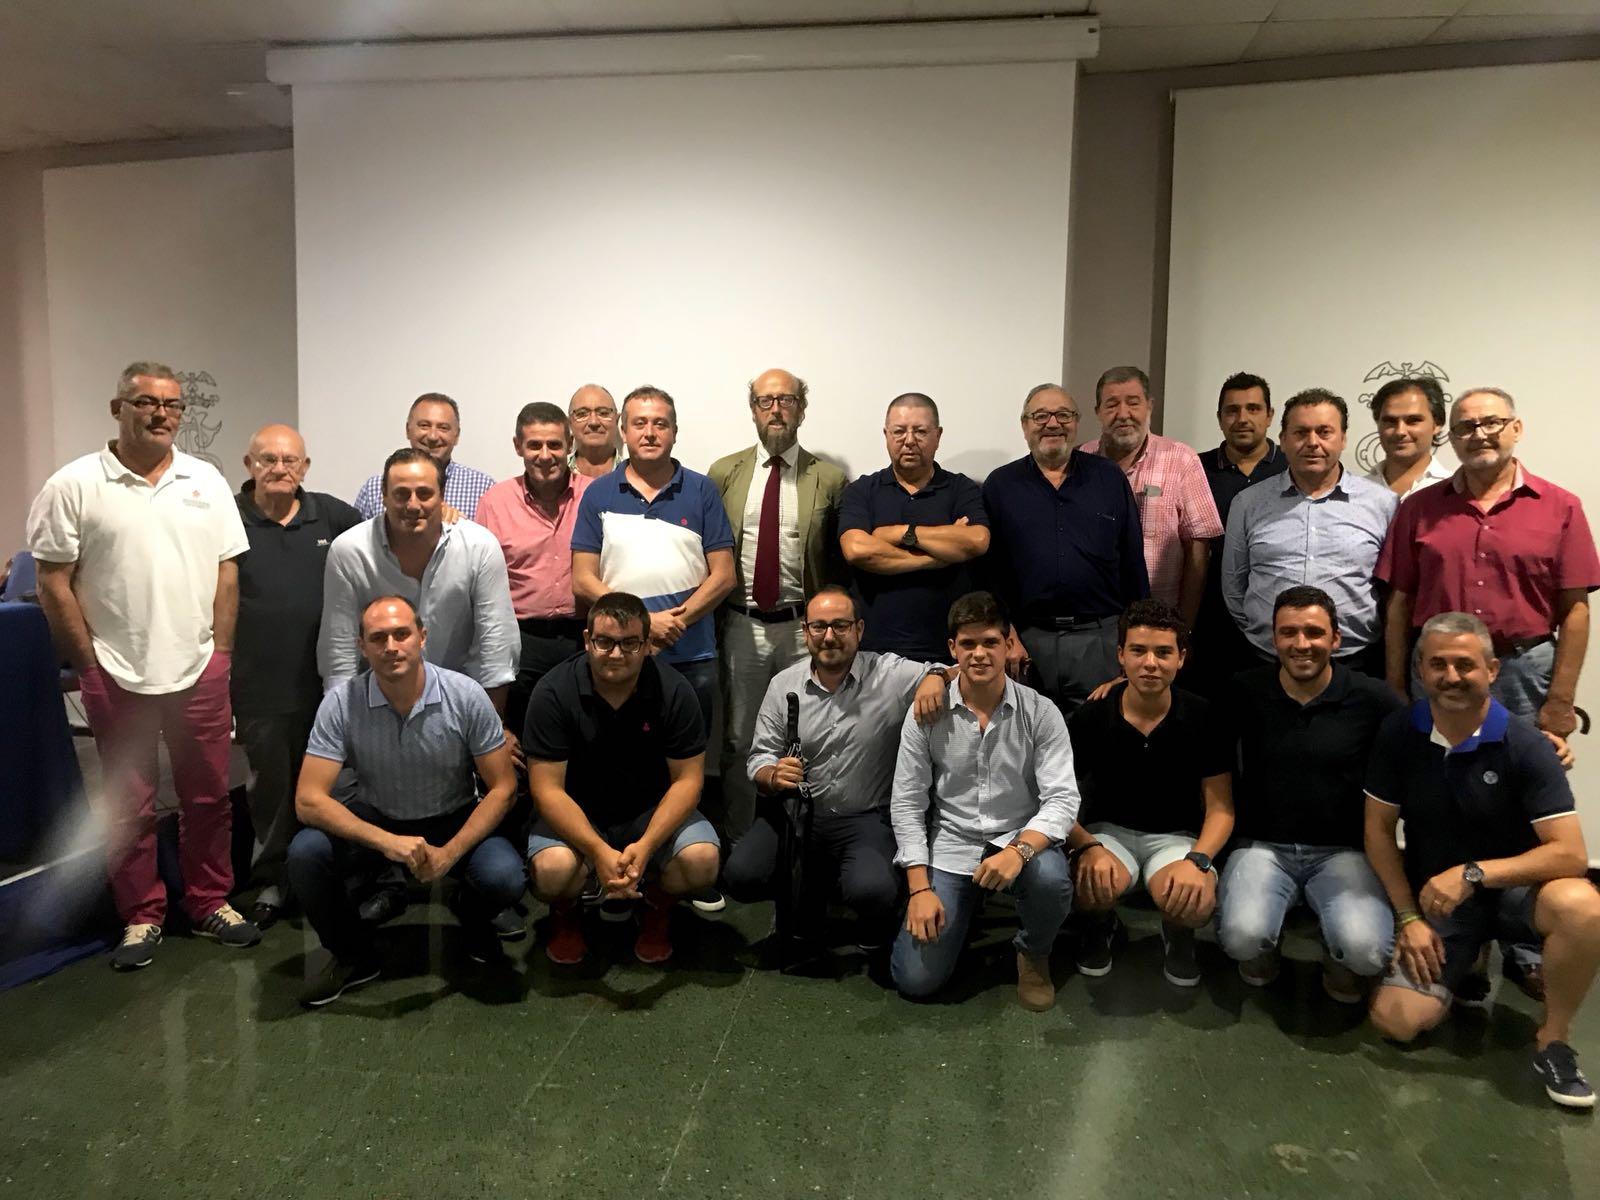 La afición taurina de la Comunidad Valenciana se vuelca en el «día de la tauromaquia»